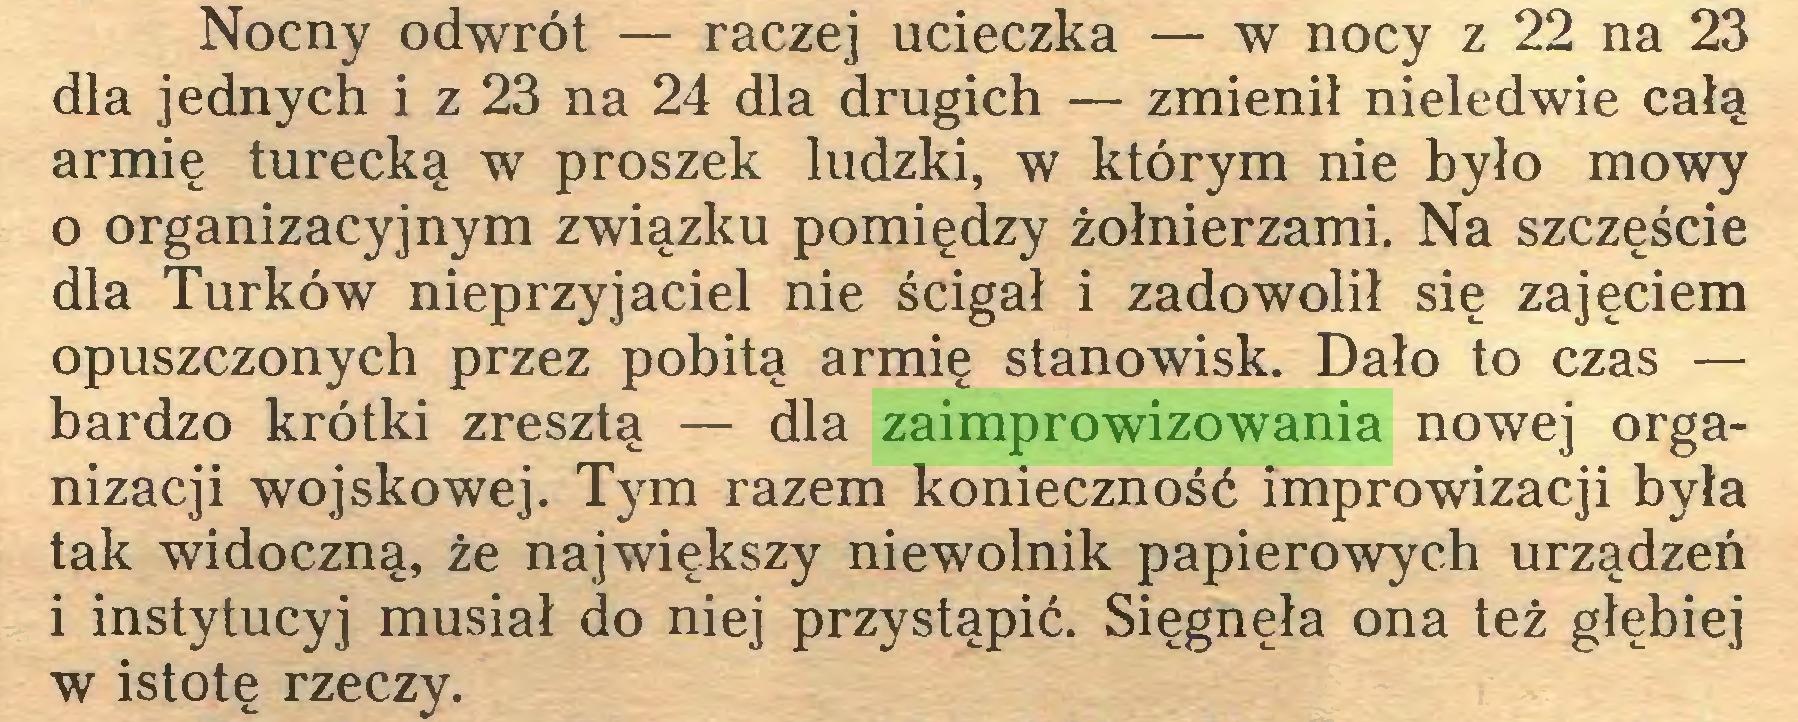 (...) Nocny odwrót — raczej ucieczka — w nocy z 22 na 23 dla jednych i z 23 na 24 dla drugich — zmienił nieledwie całą armię turecką w proszek ludzki, w którym nie było mowy 0 organizacyjnym związku pomiędzy żołnierzami. Na szczęście dla Turków nieprzyjaciel nie ścigał i zadowolił się zajęciem opuszczonych przez pobitą armię stanowisk. Dało to czas — bardzo krótki zresztą — dla zaimprowizowania nowej organizacji wojskowej. Tym razem konieczność improwizacji była tak widoczną, że największy niewolnik papierowych urządzeń 1 instytucyj musiał do niej przystąpić. Sięgnęła ona też głębiej w istotę rzeczy...